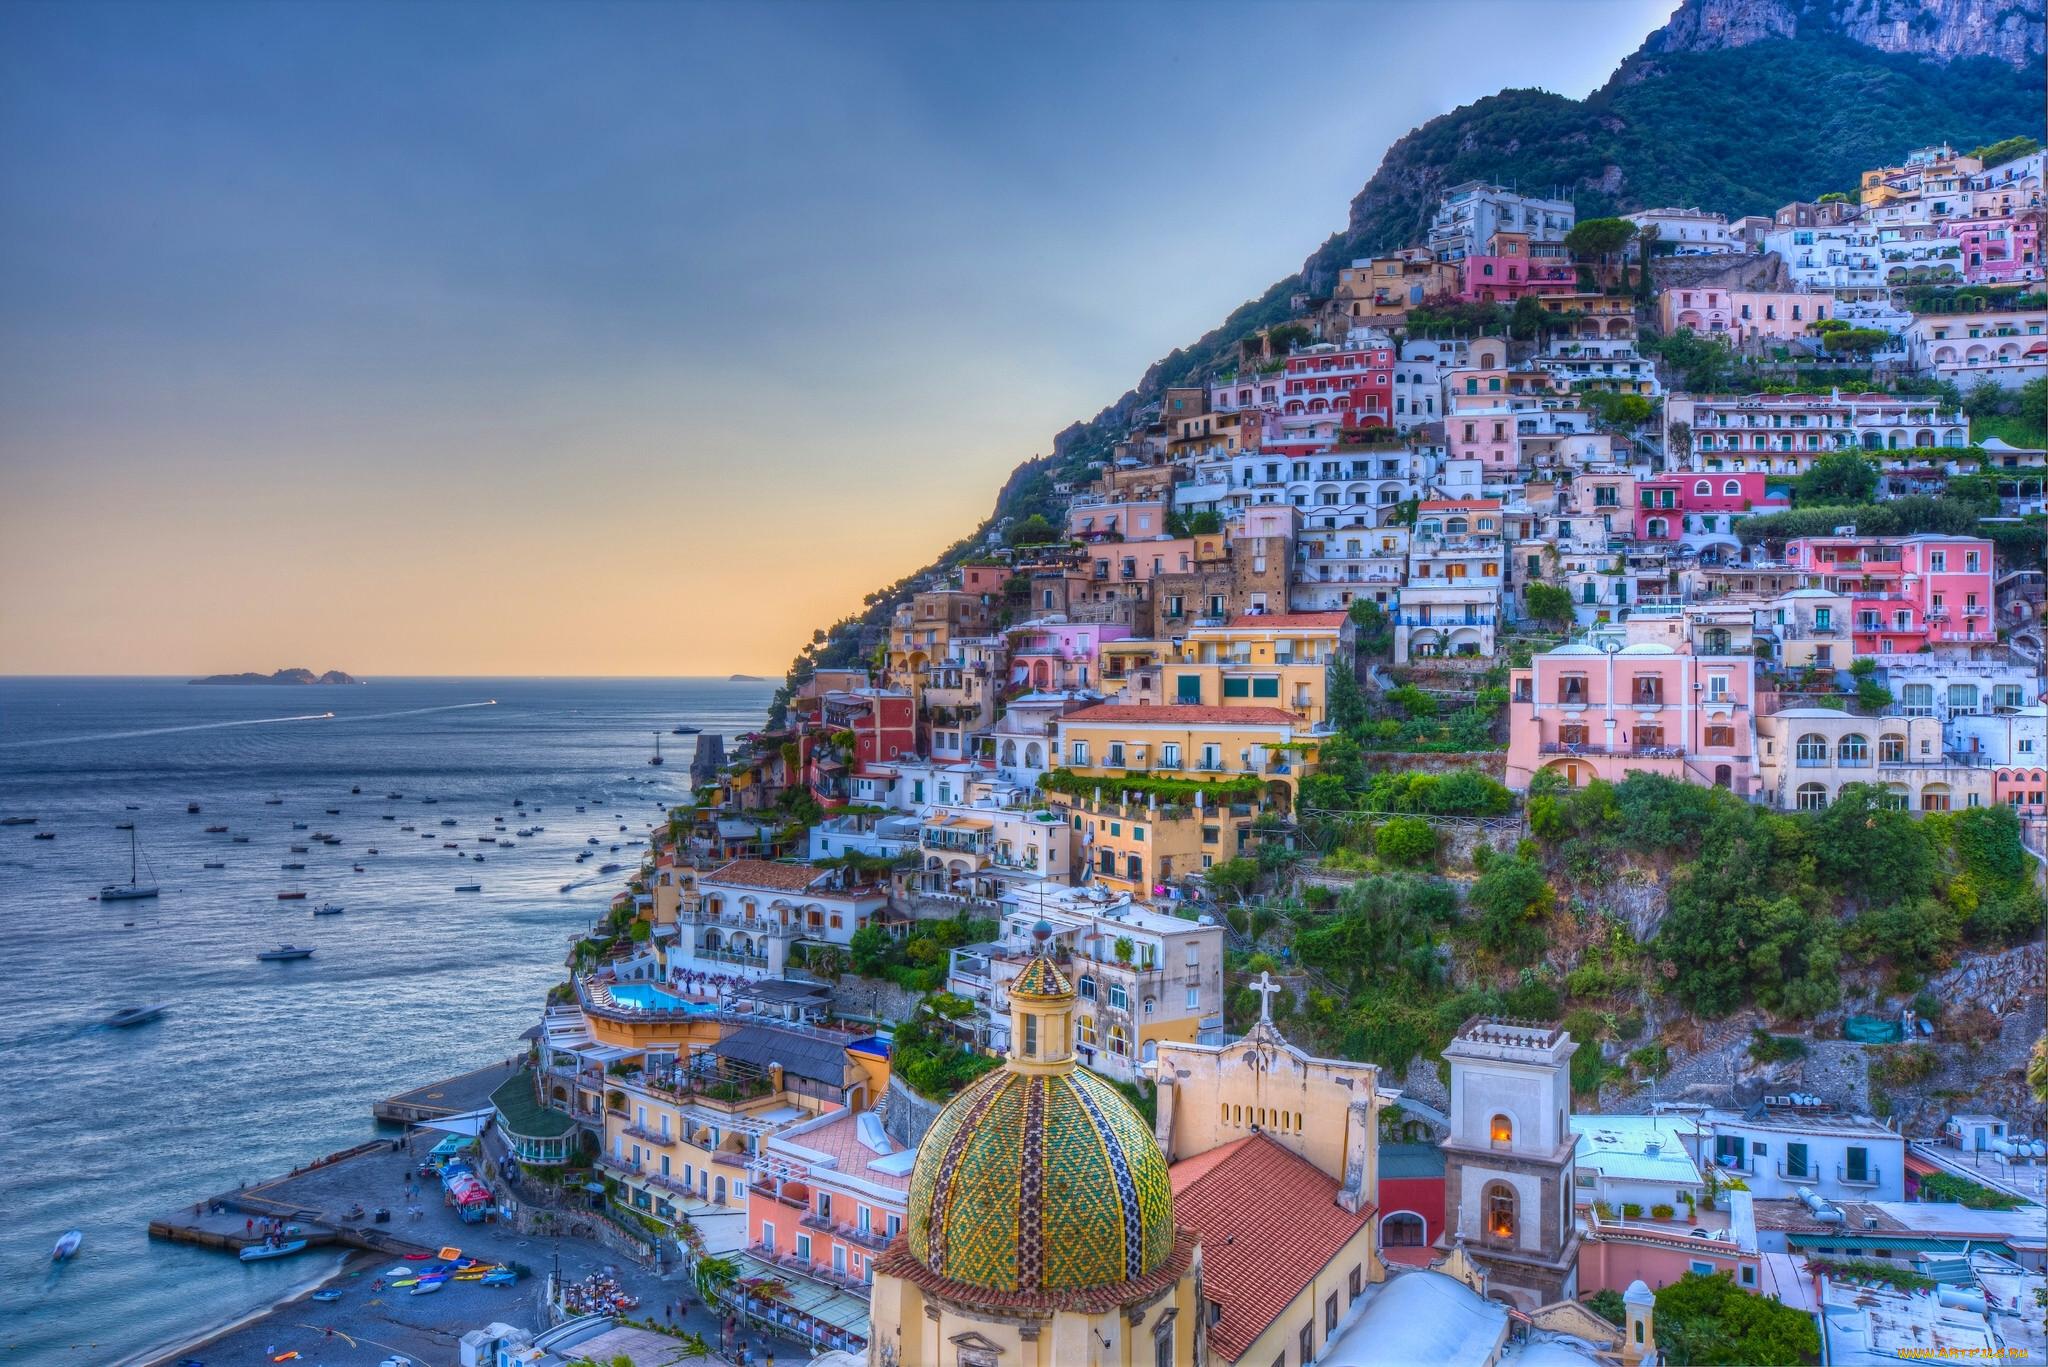 амальфитанское побережье италии фото фрески стену интерьере